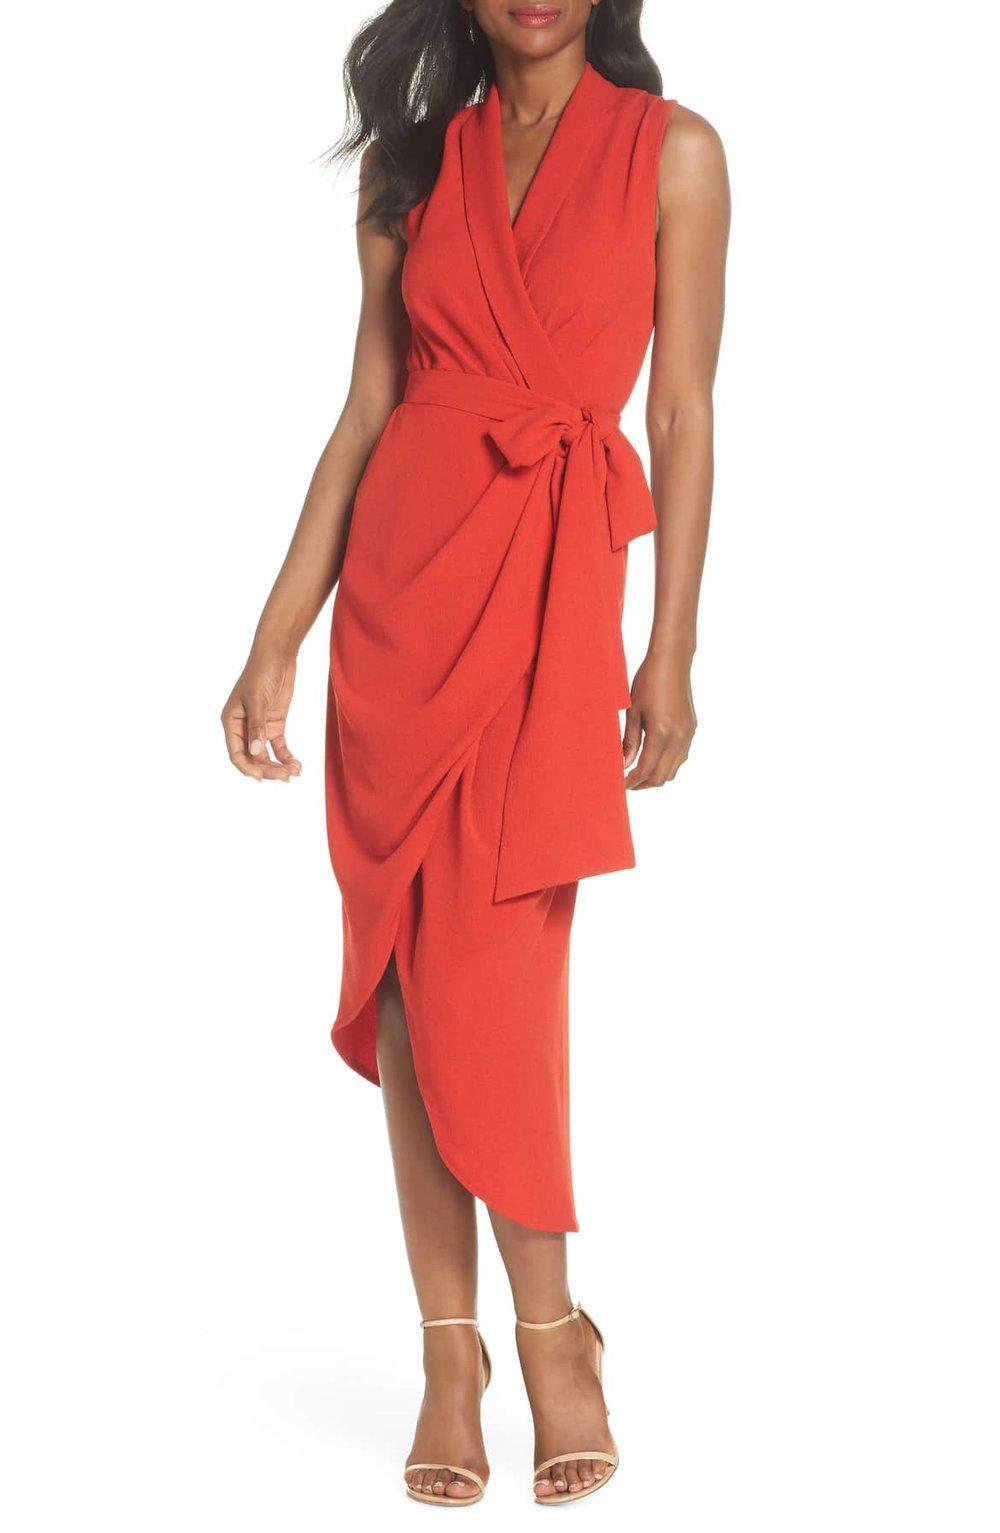 CMEO Collective Entice Asymmetrical Wrap Dress - $185.00